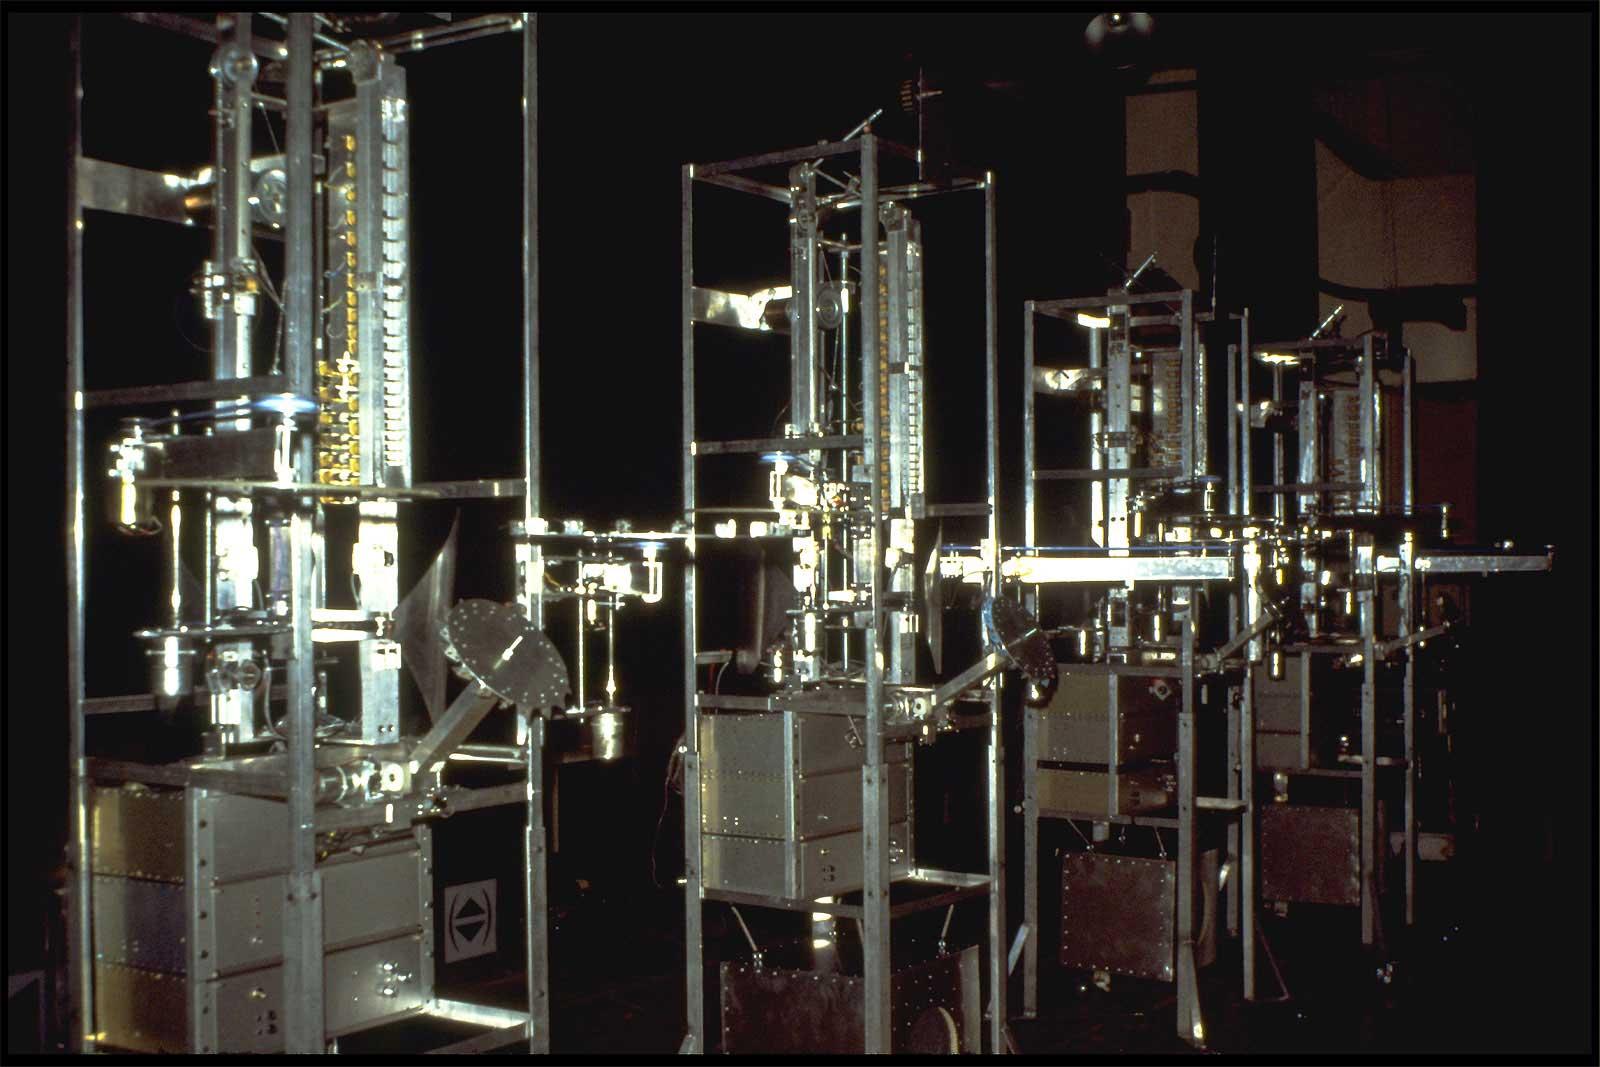 Photographie : 4 structures en aluminium brillant dans la pénombre aves de nombreuses pièces mécanique motorisées